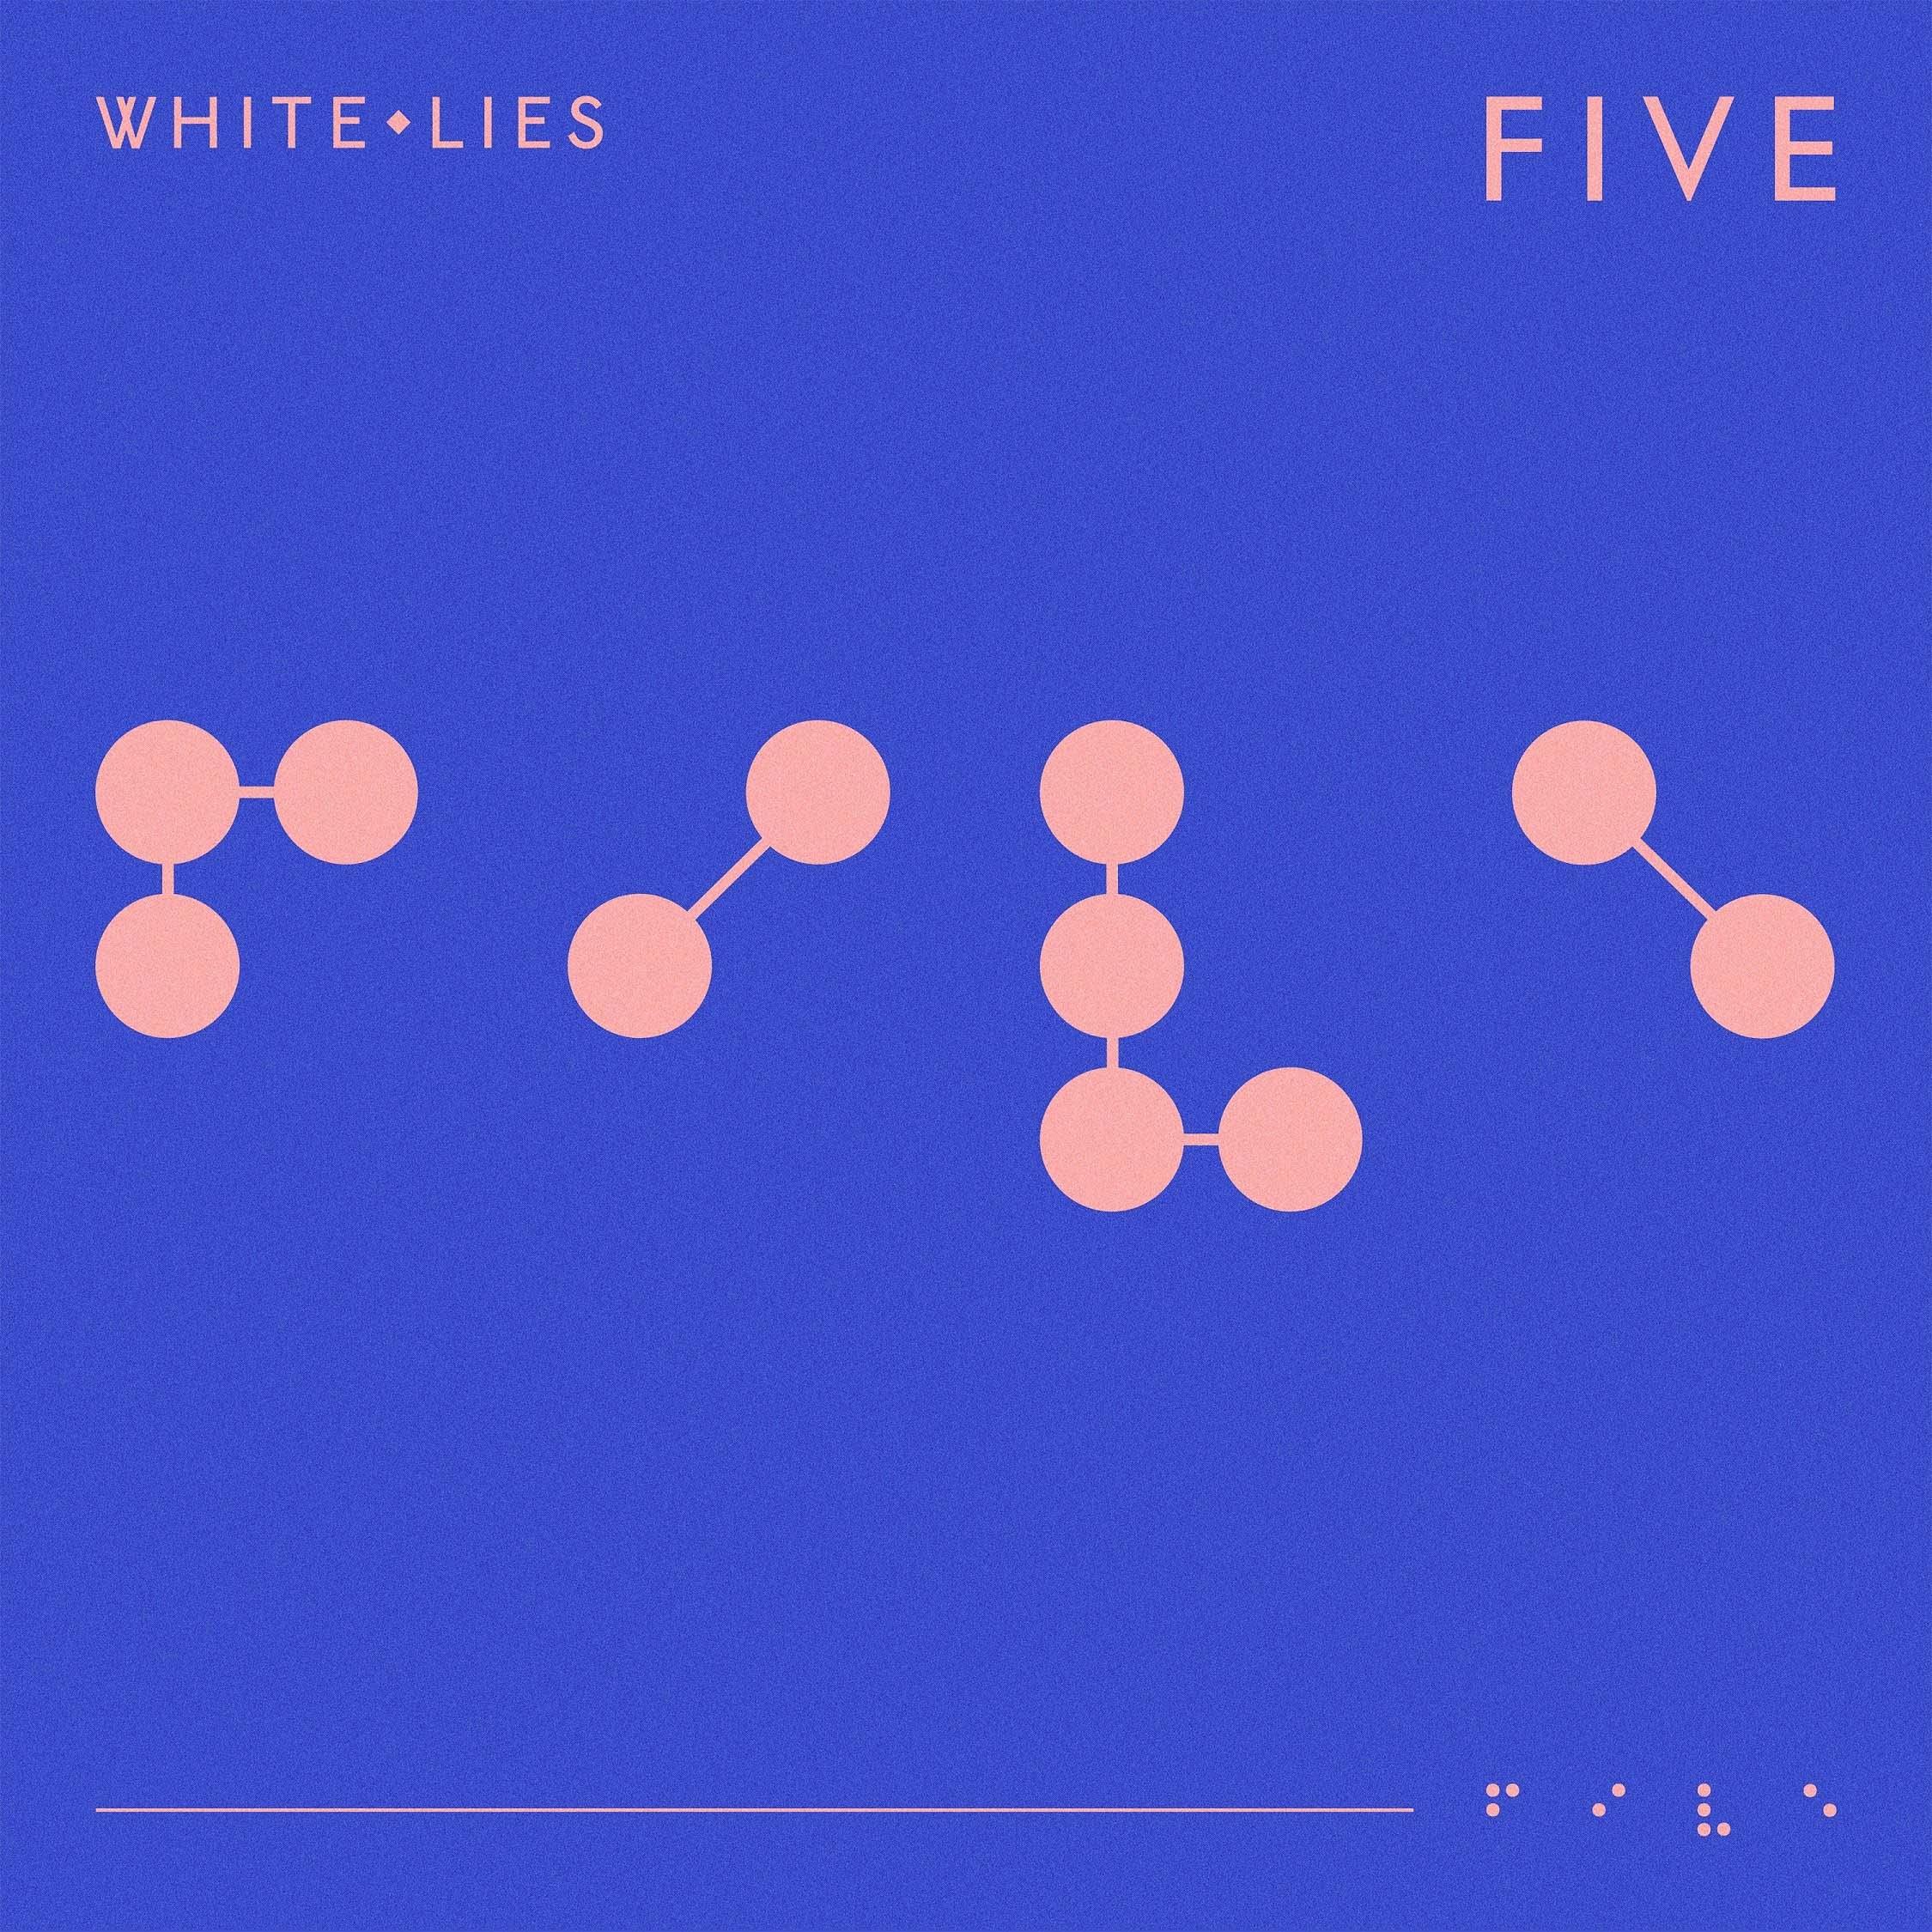 White Lies anuncia nuevo disco 'Five' con su primer sencillo 'Time To Give'